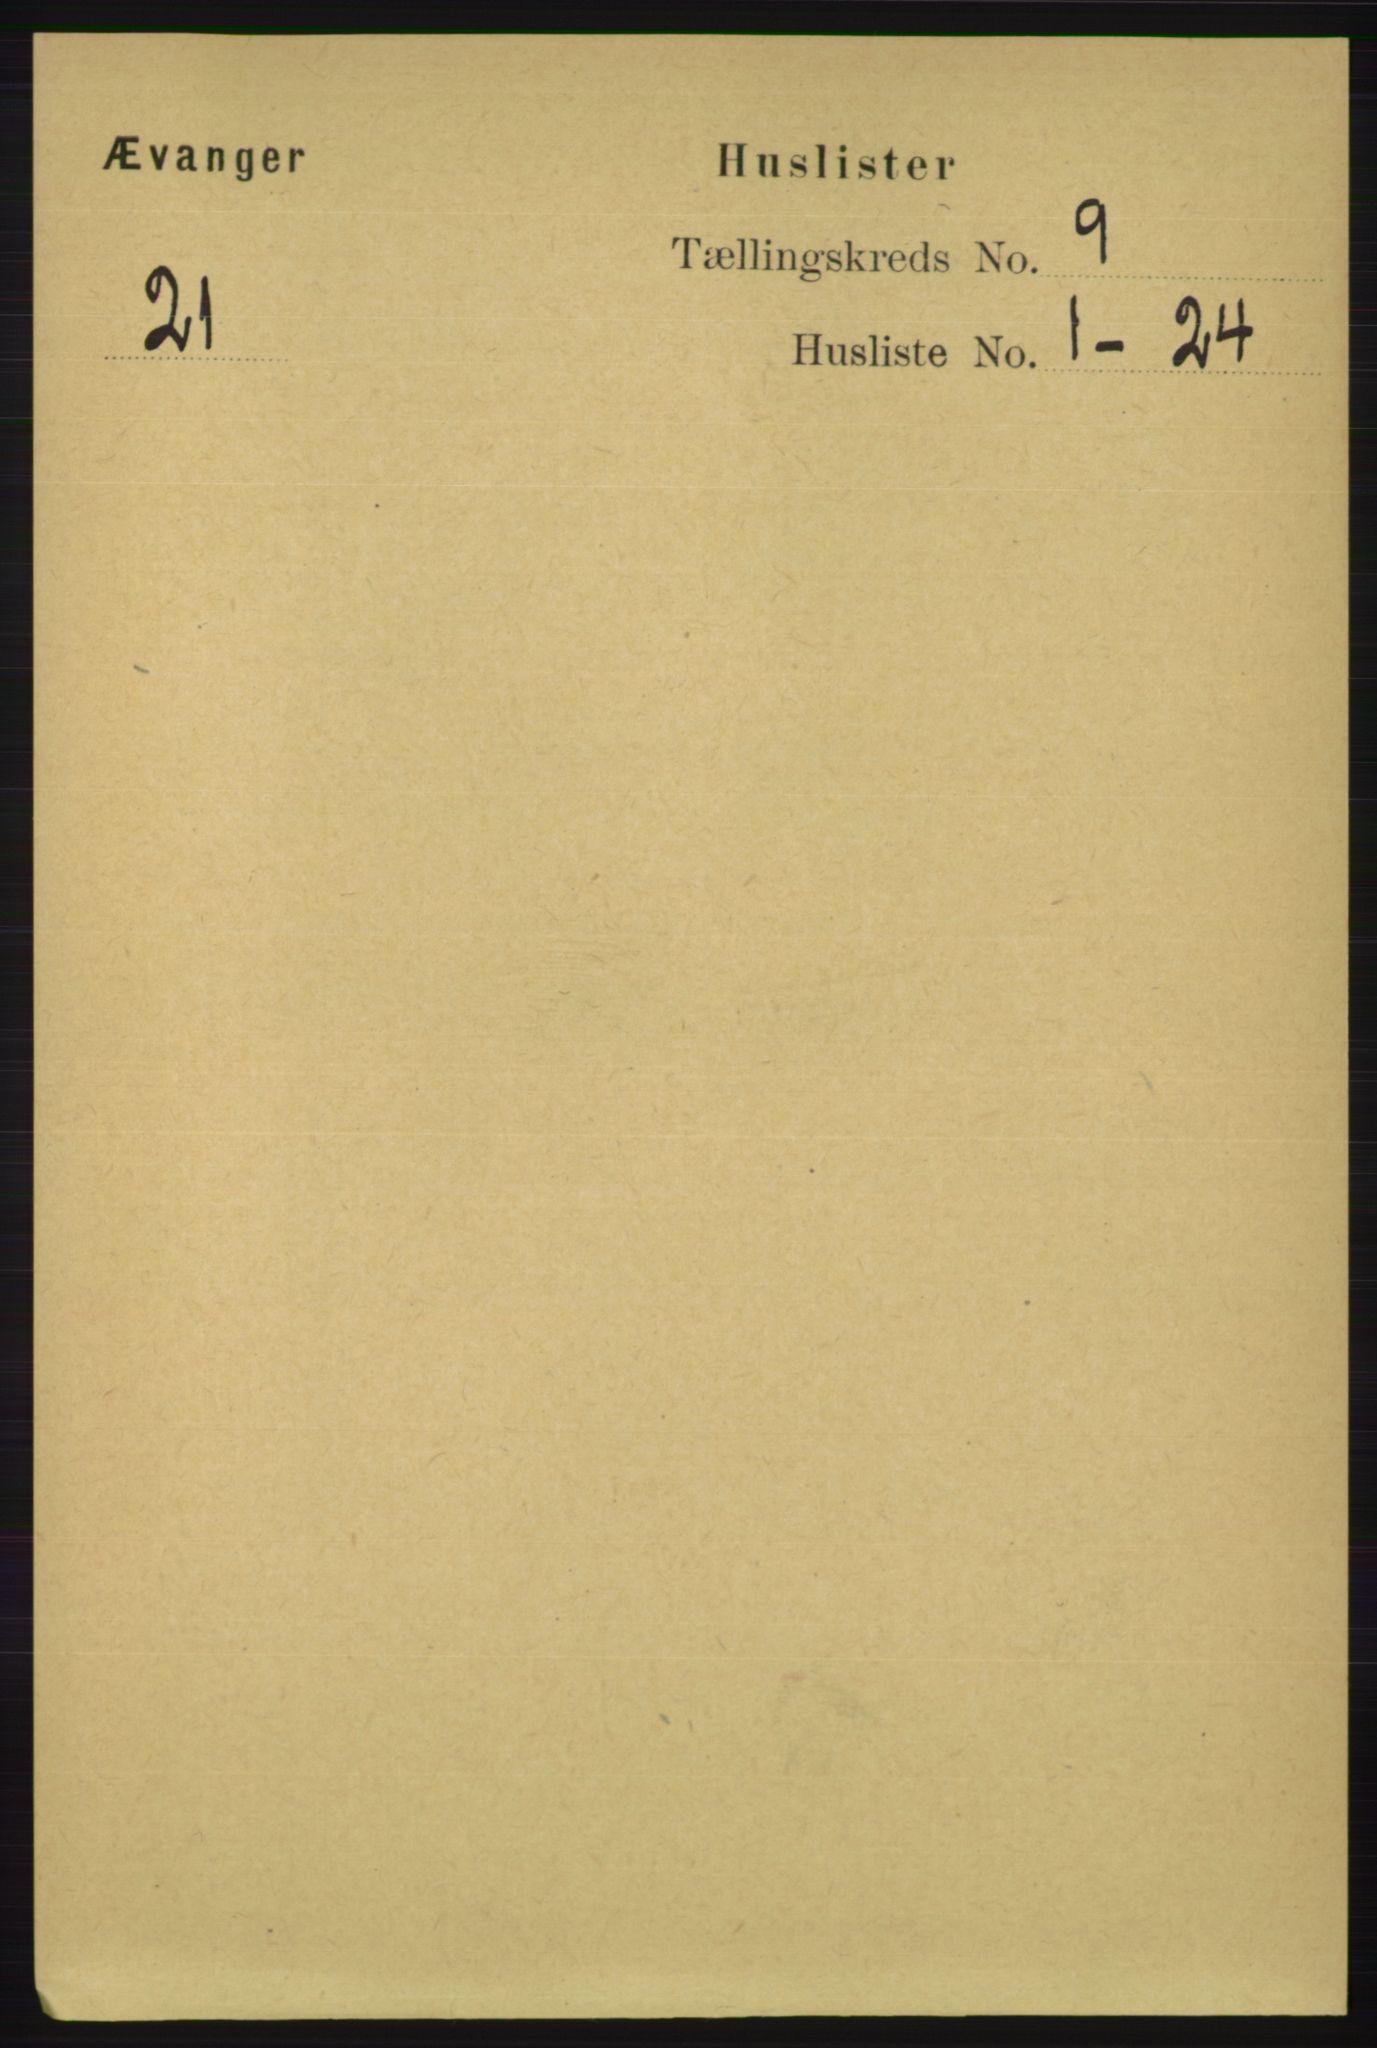 RA, Folketelling 1891 for 1237 Evanger herred, 1891, s. 2323